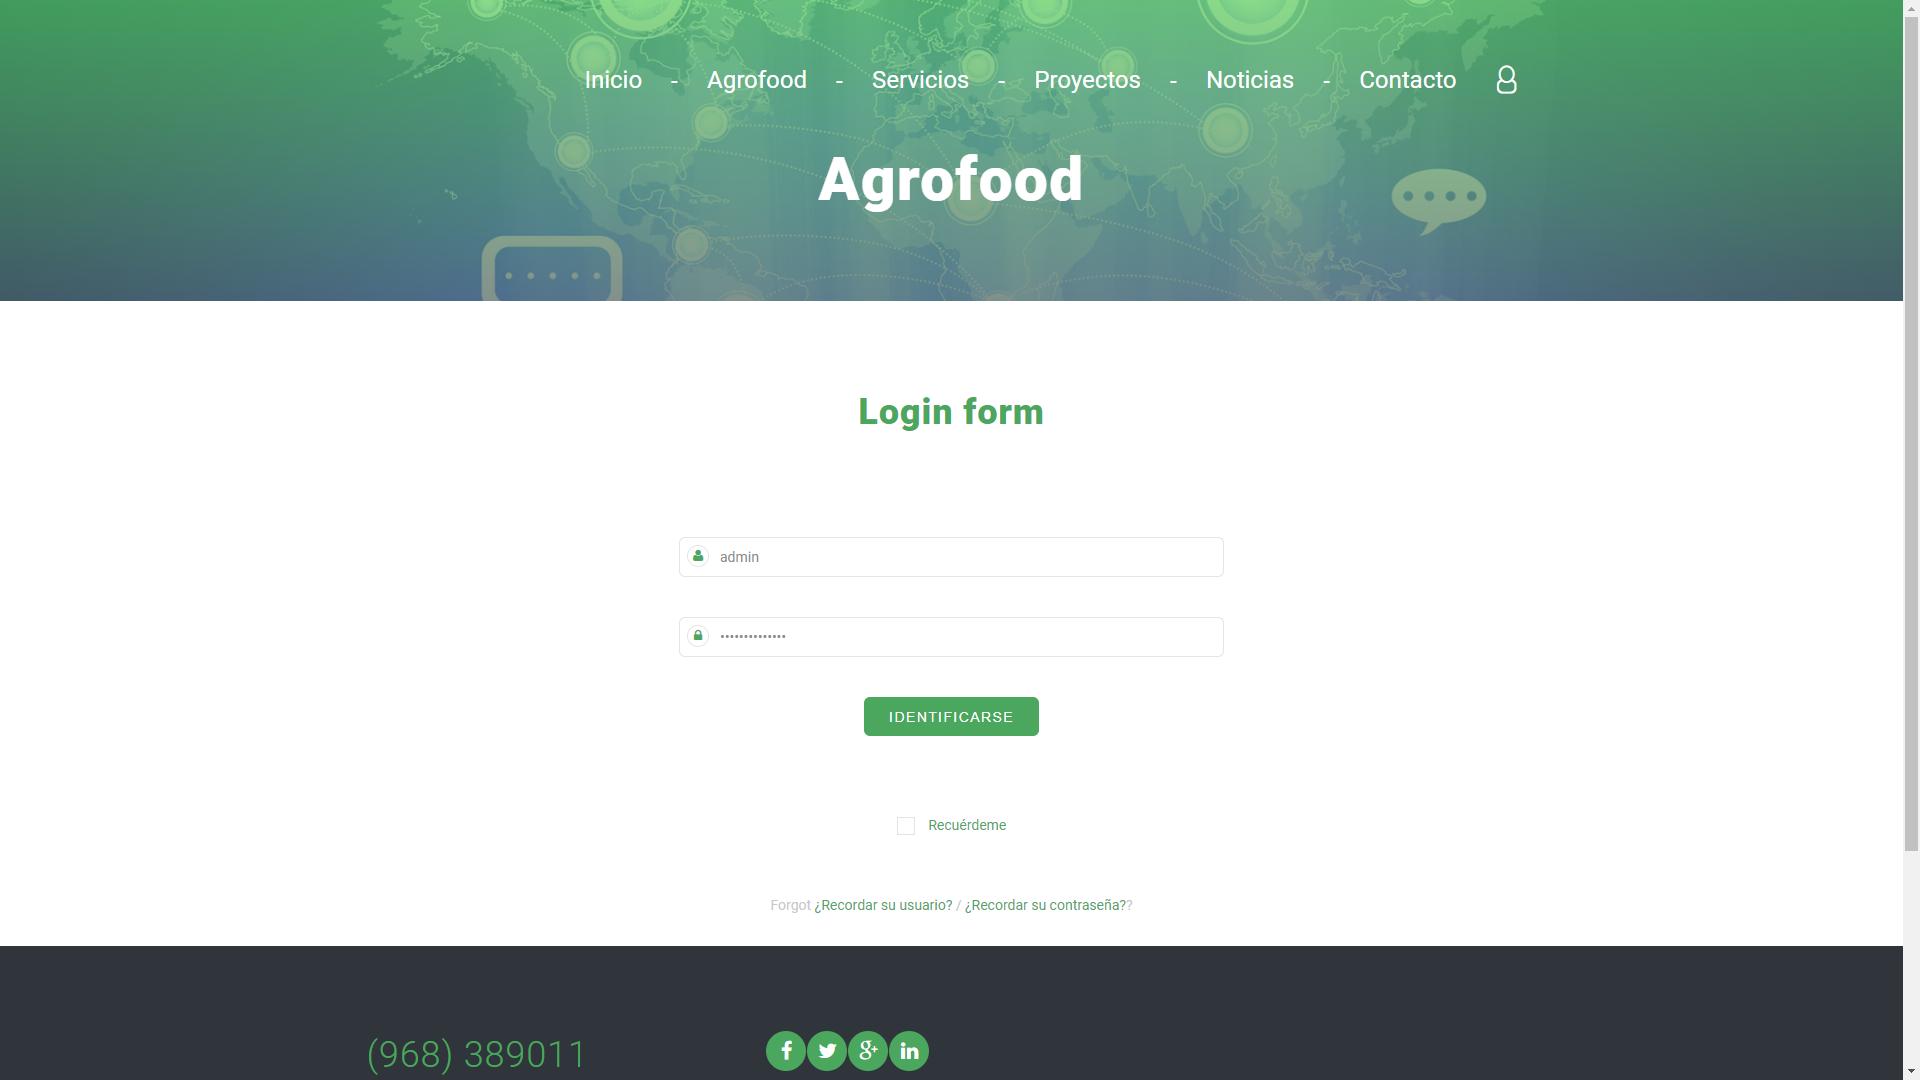 agrofood_login